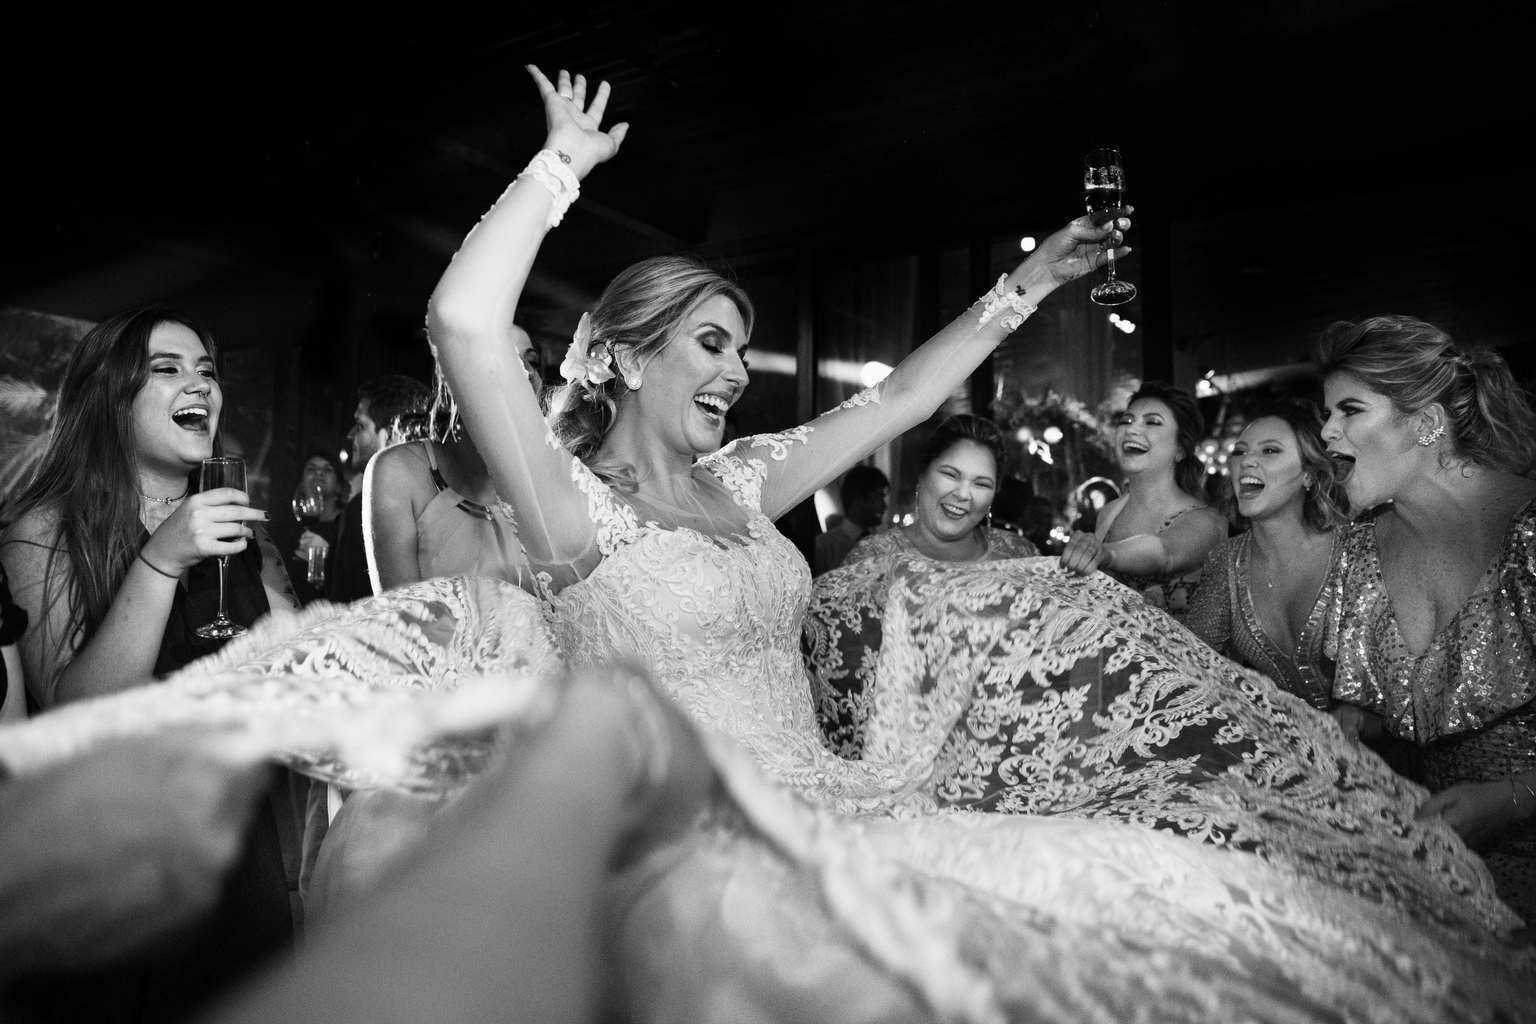 Andrea-Kapps-casamento-de-dia-casamento-na-serra-casamento-romântico-casamento-tradicional-festa-Locanda-de-La-Mimosa-rosa-e-lilás-casamento-48